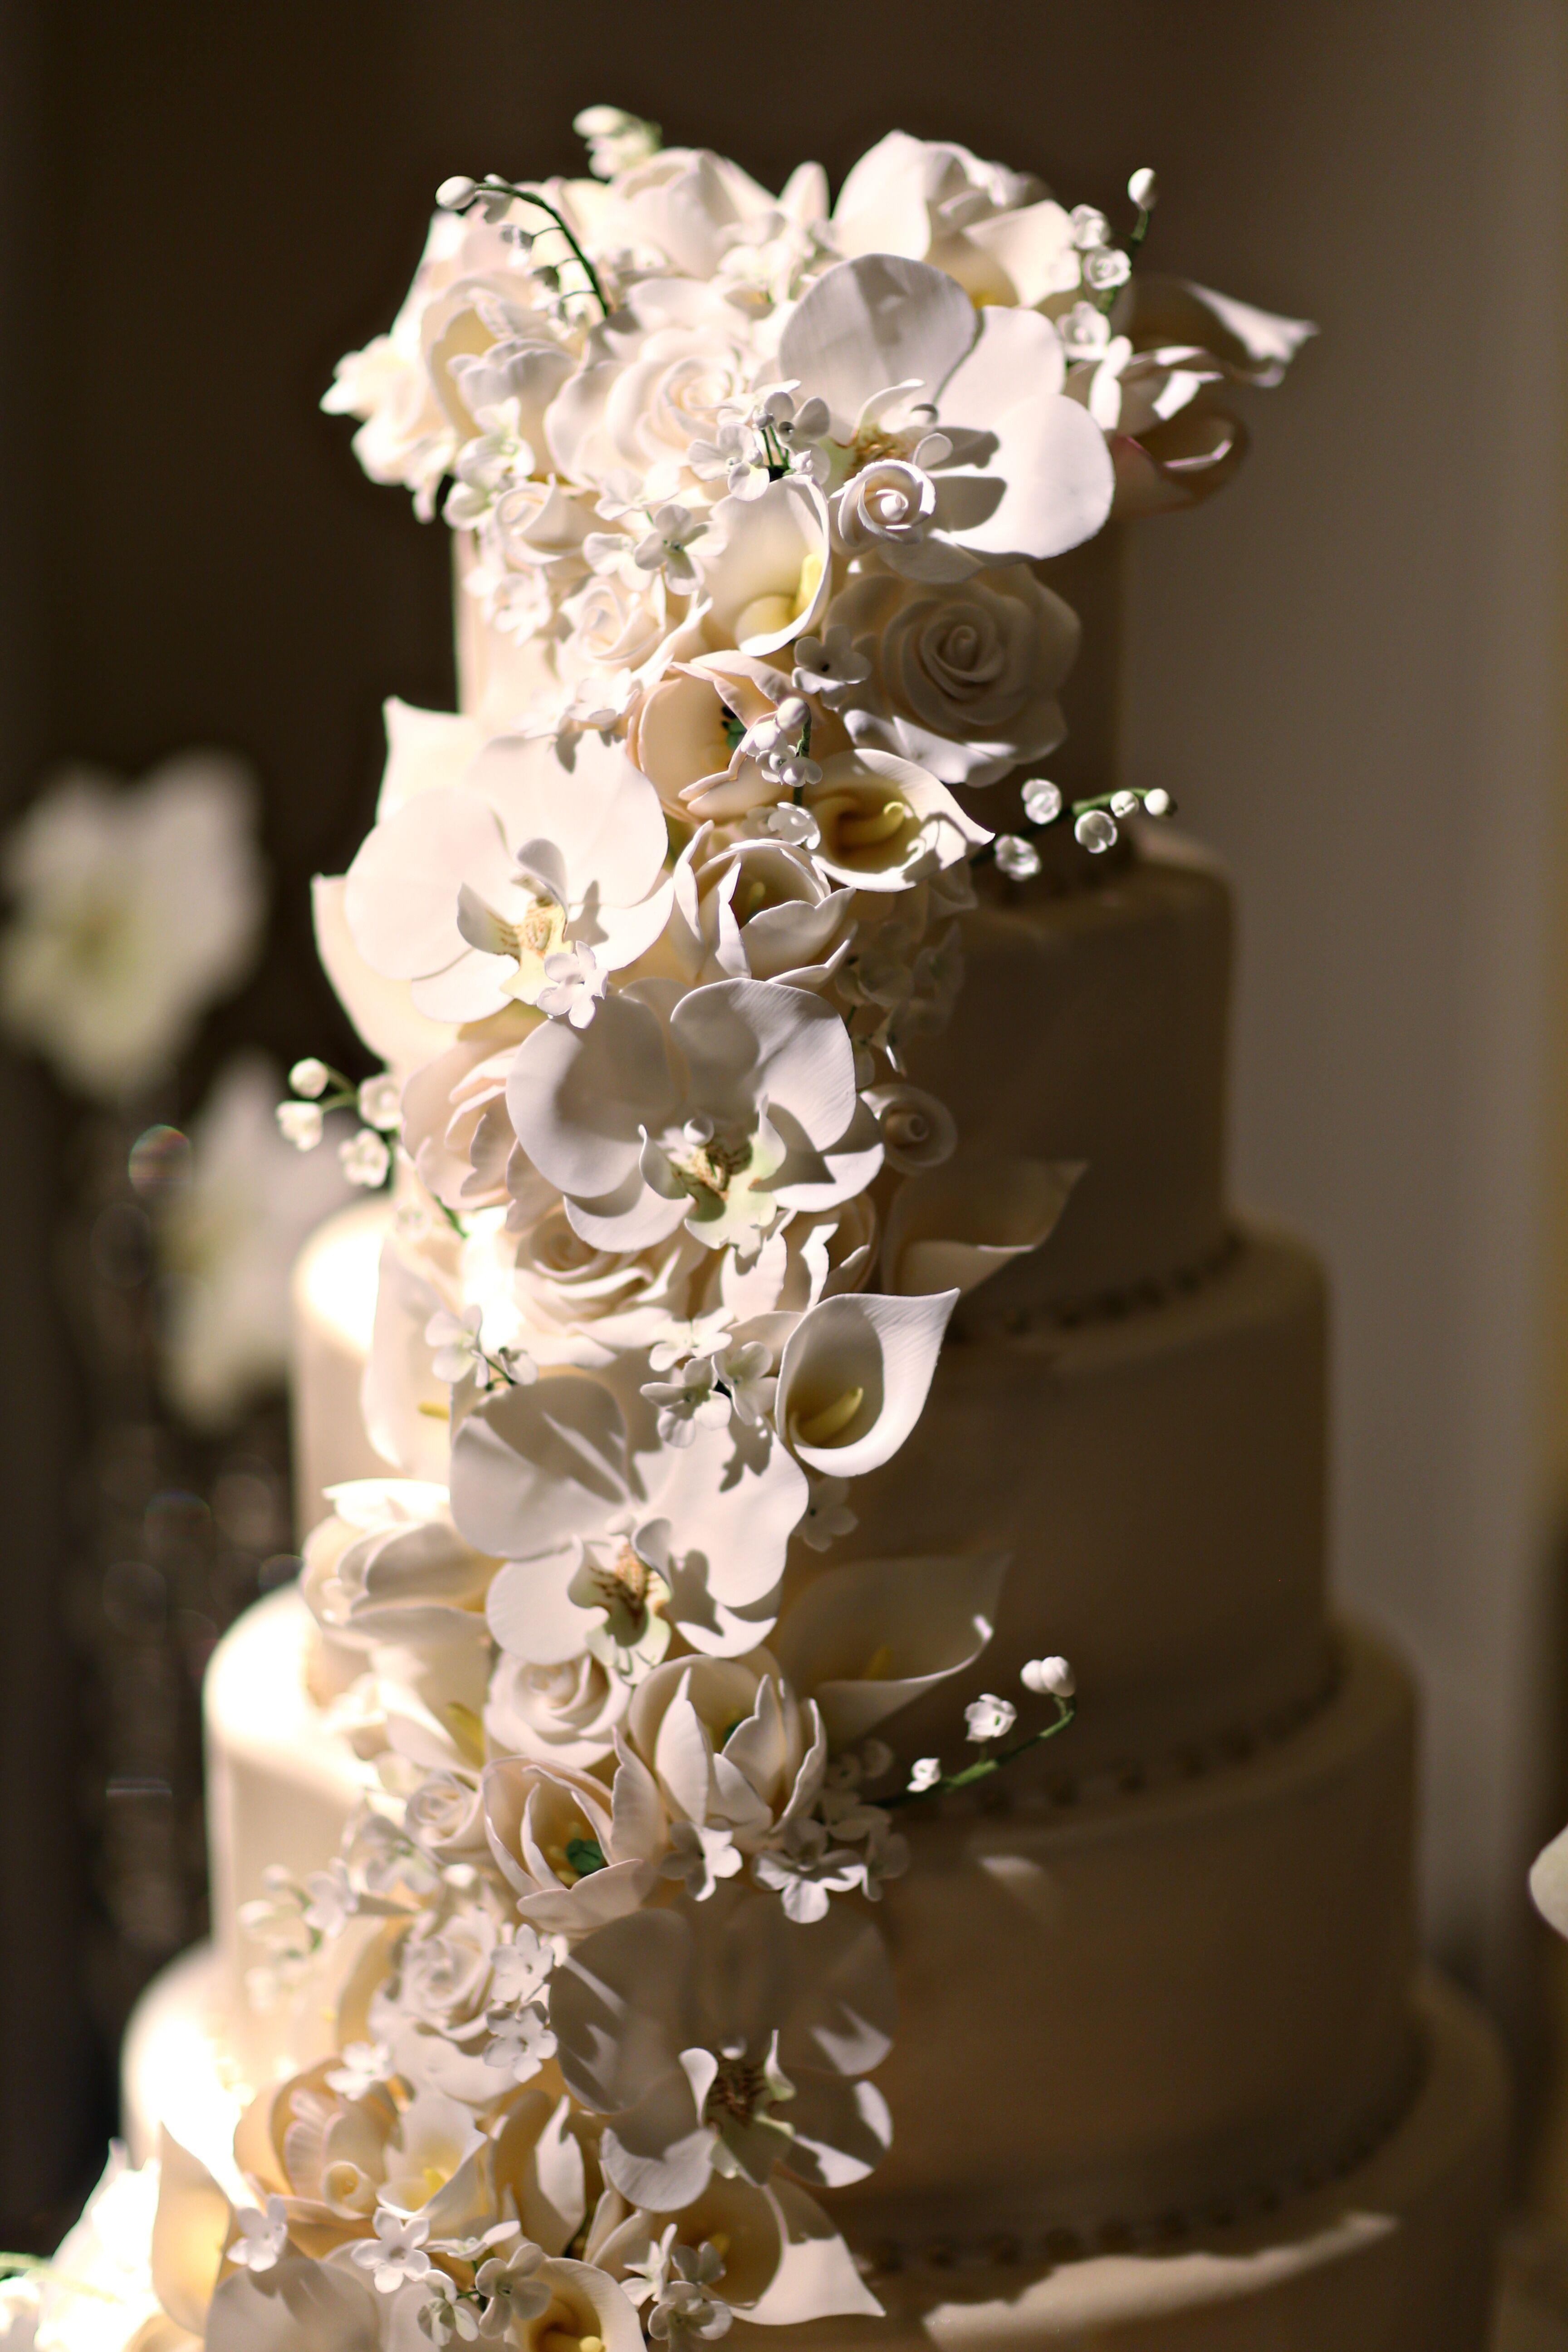 Cascading Cake Flowers on Wedding Cake